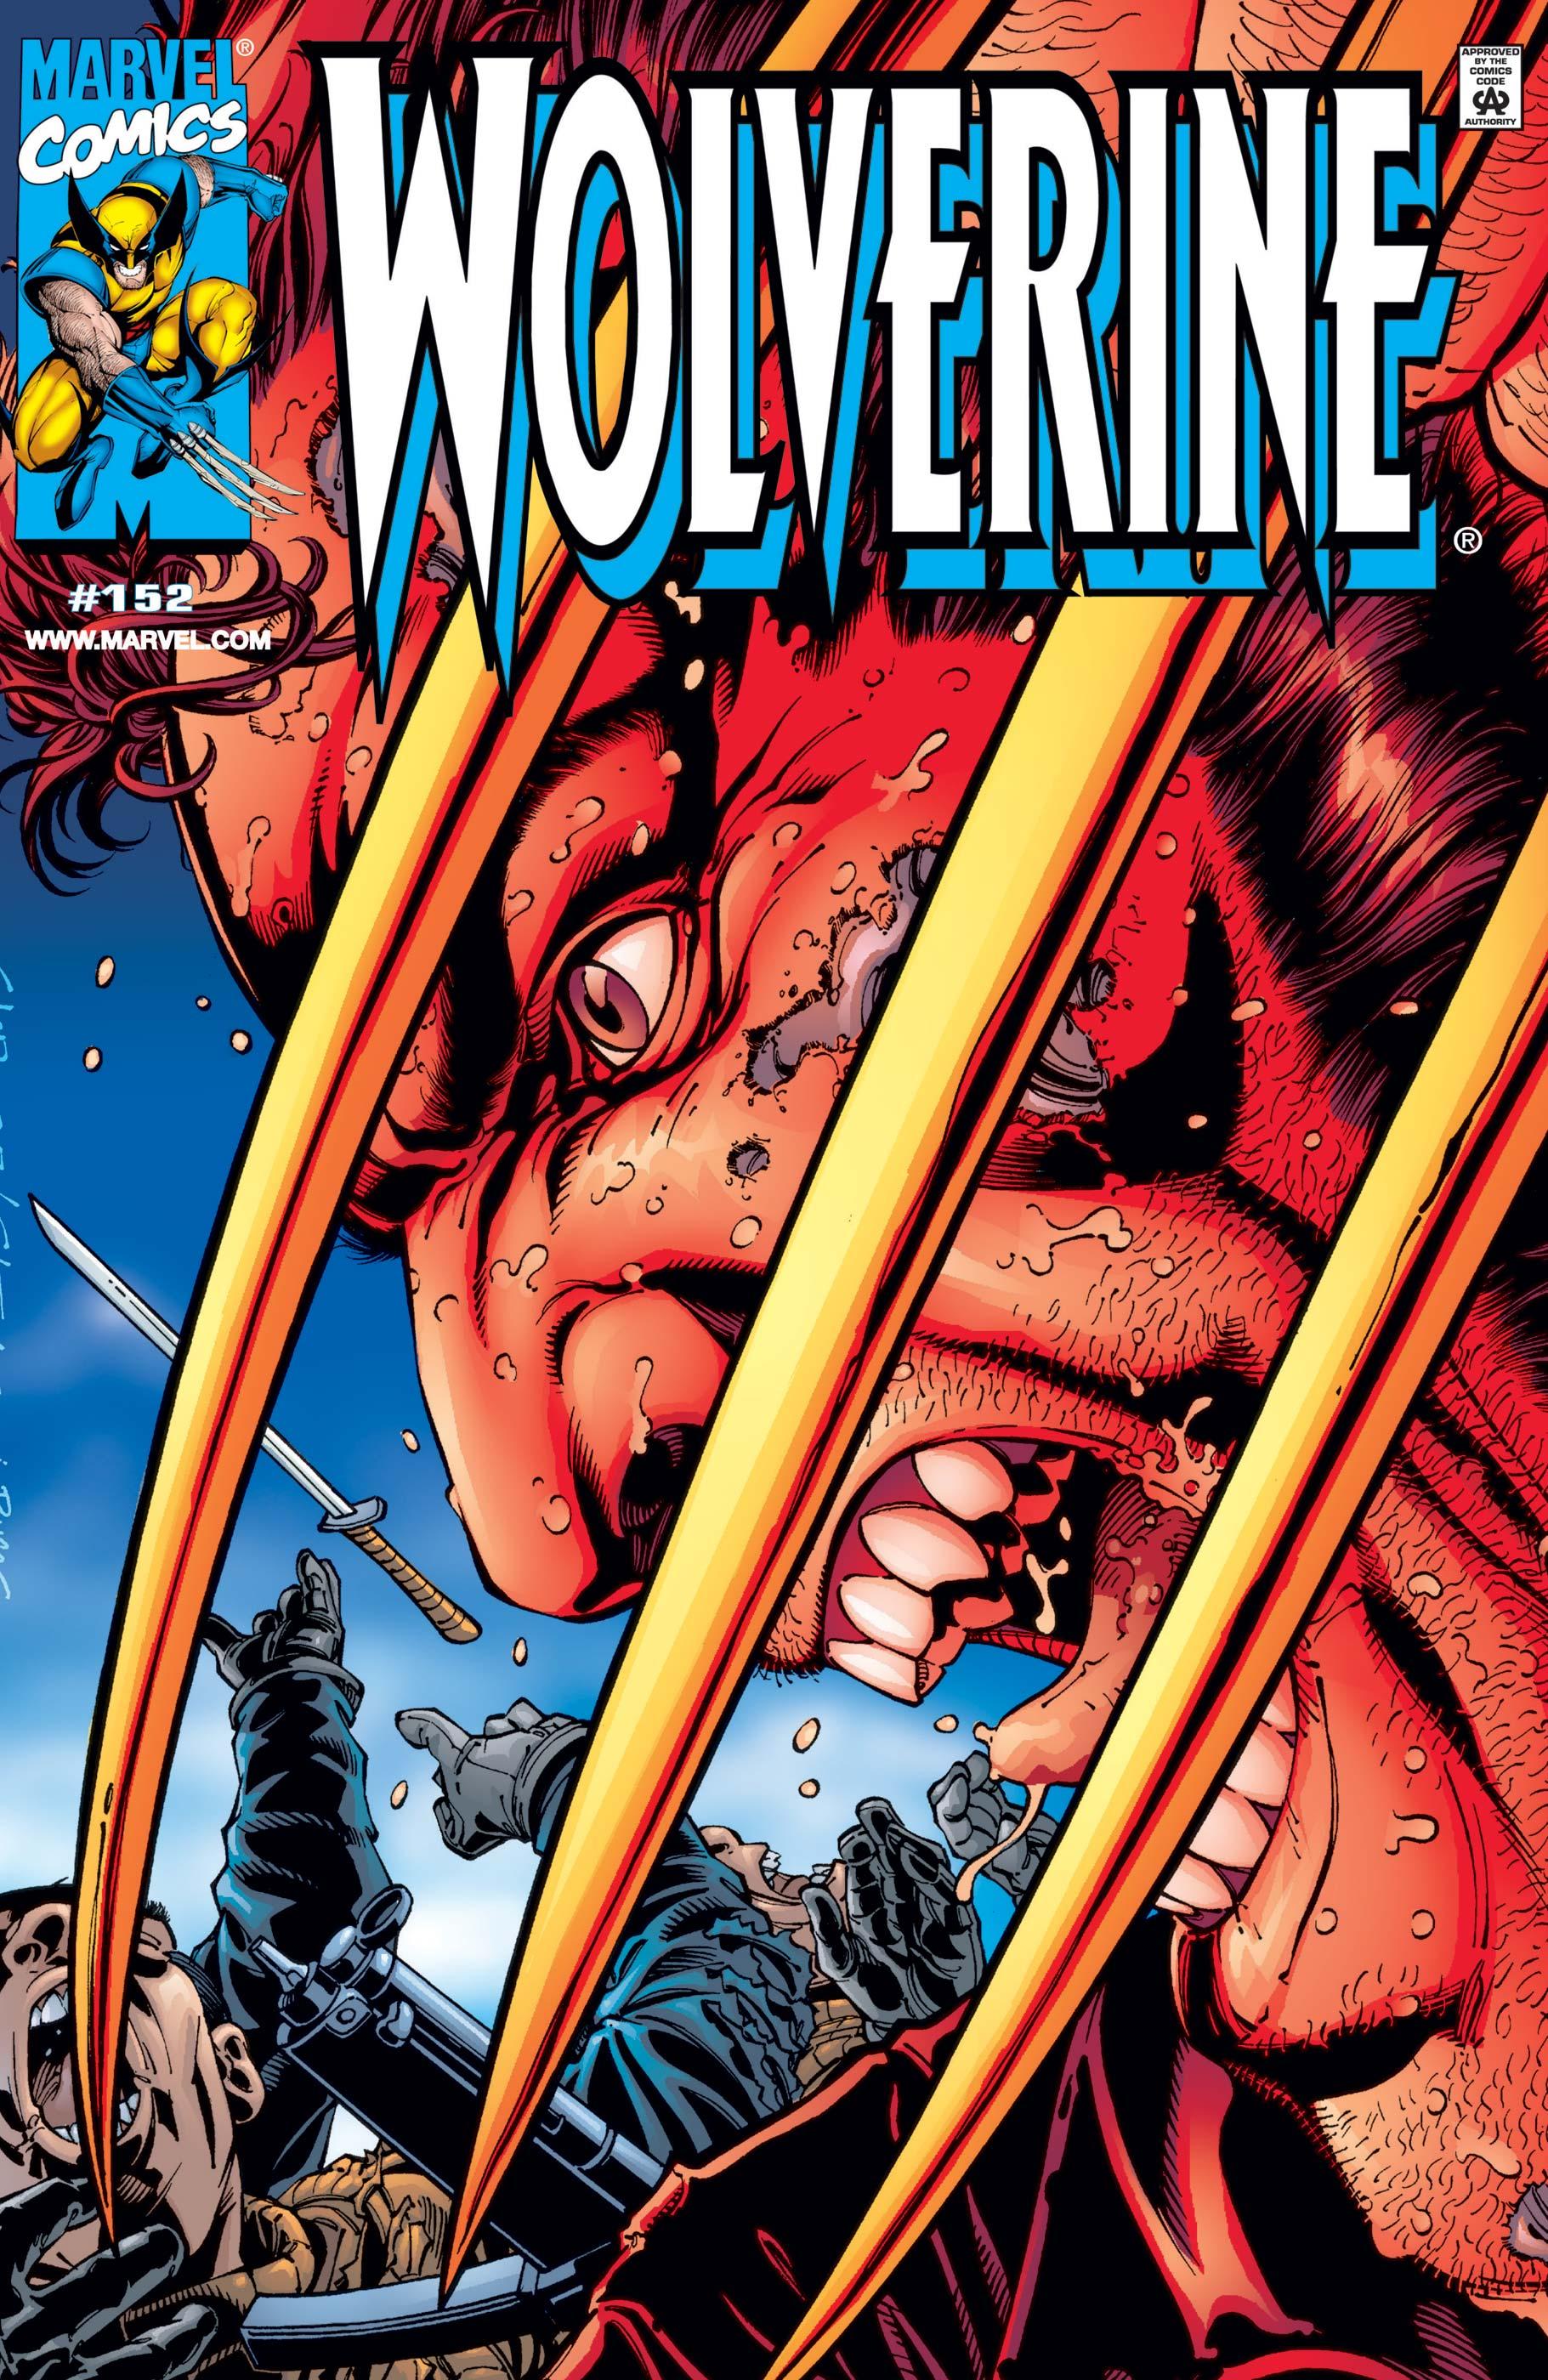 Wolverine (1988) #152